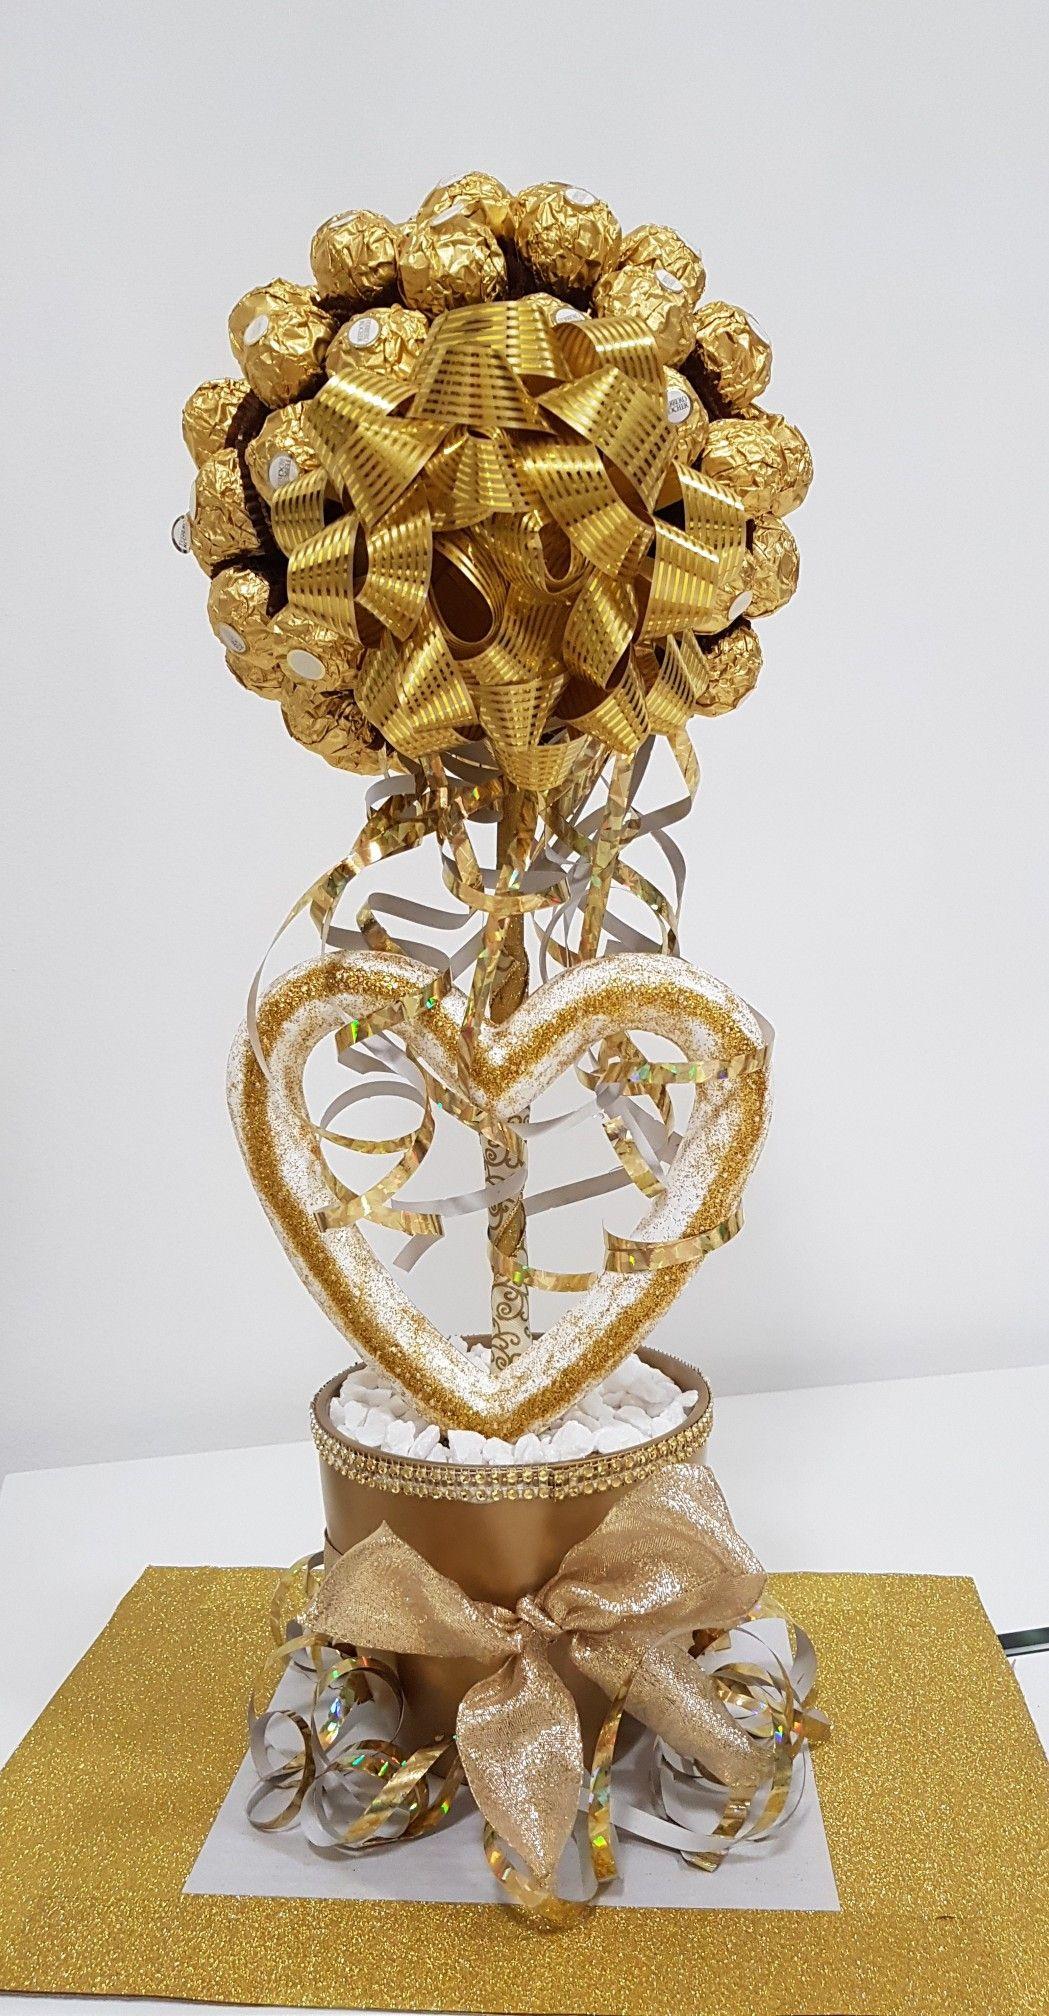 Selbstgemachter Ferrero Rocher Baum als Geschenk zur Goldenen Hochzeit   Geschenkideen